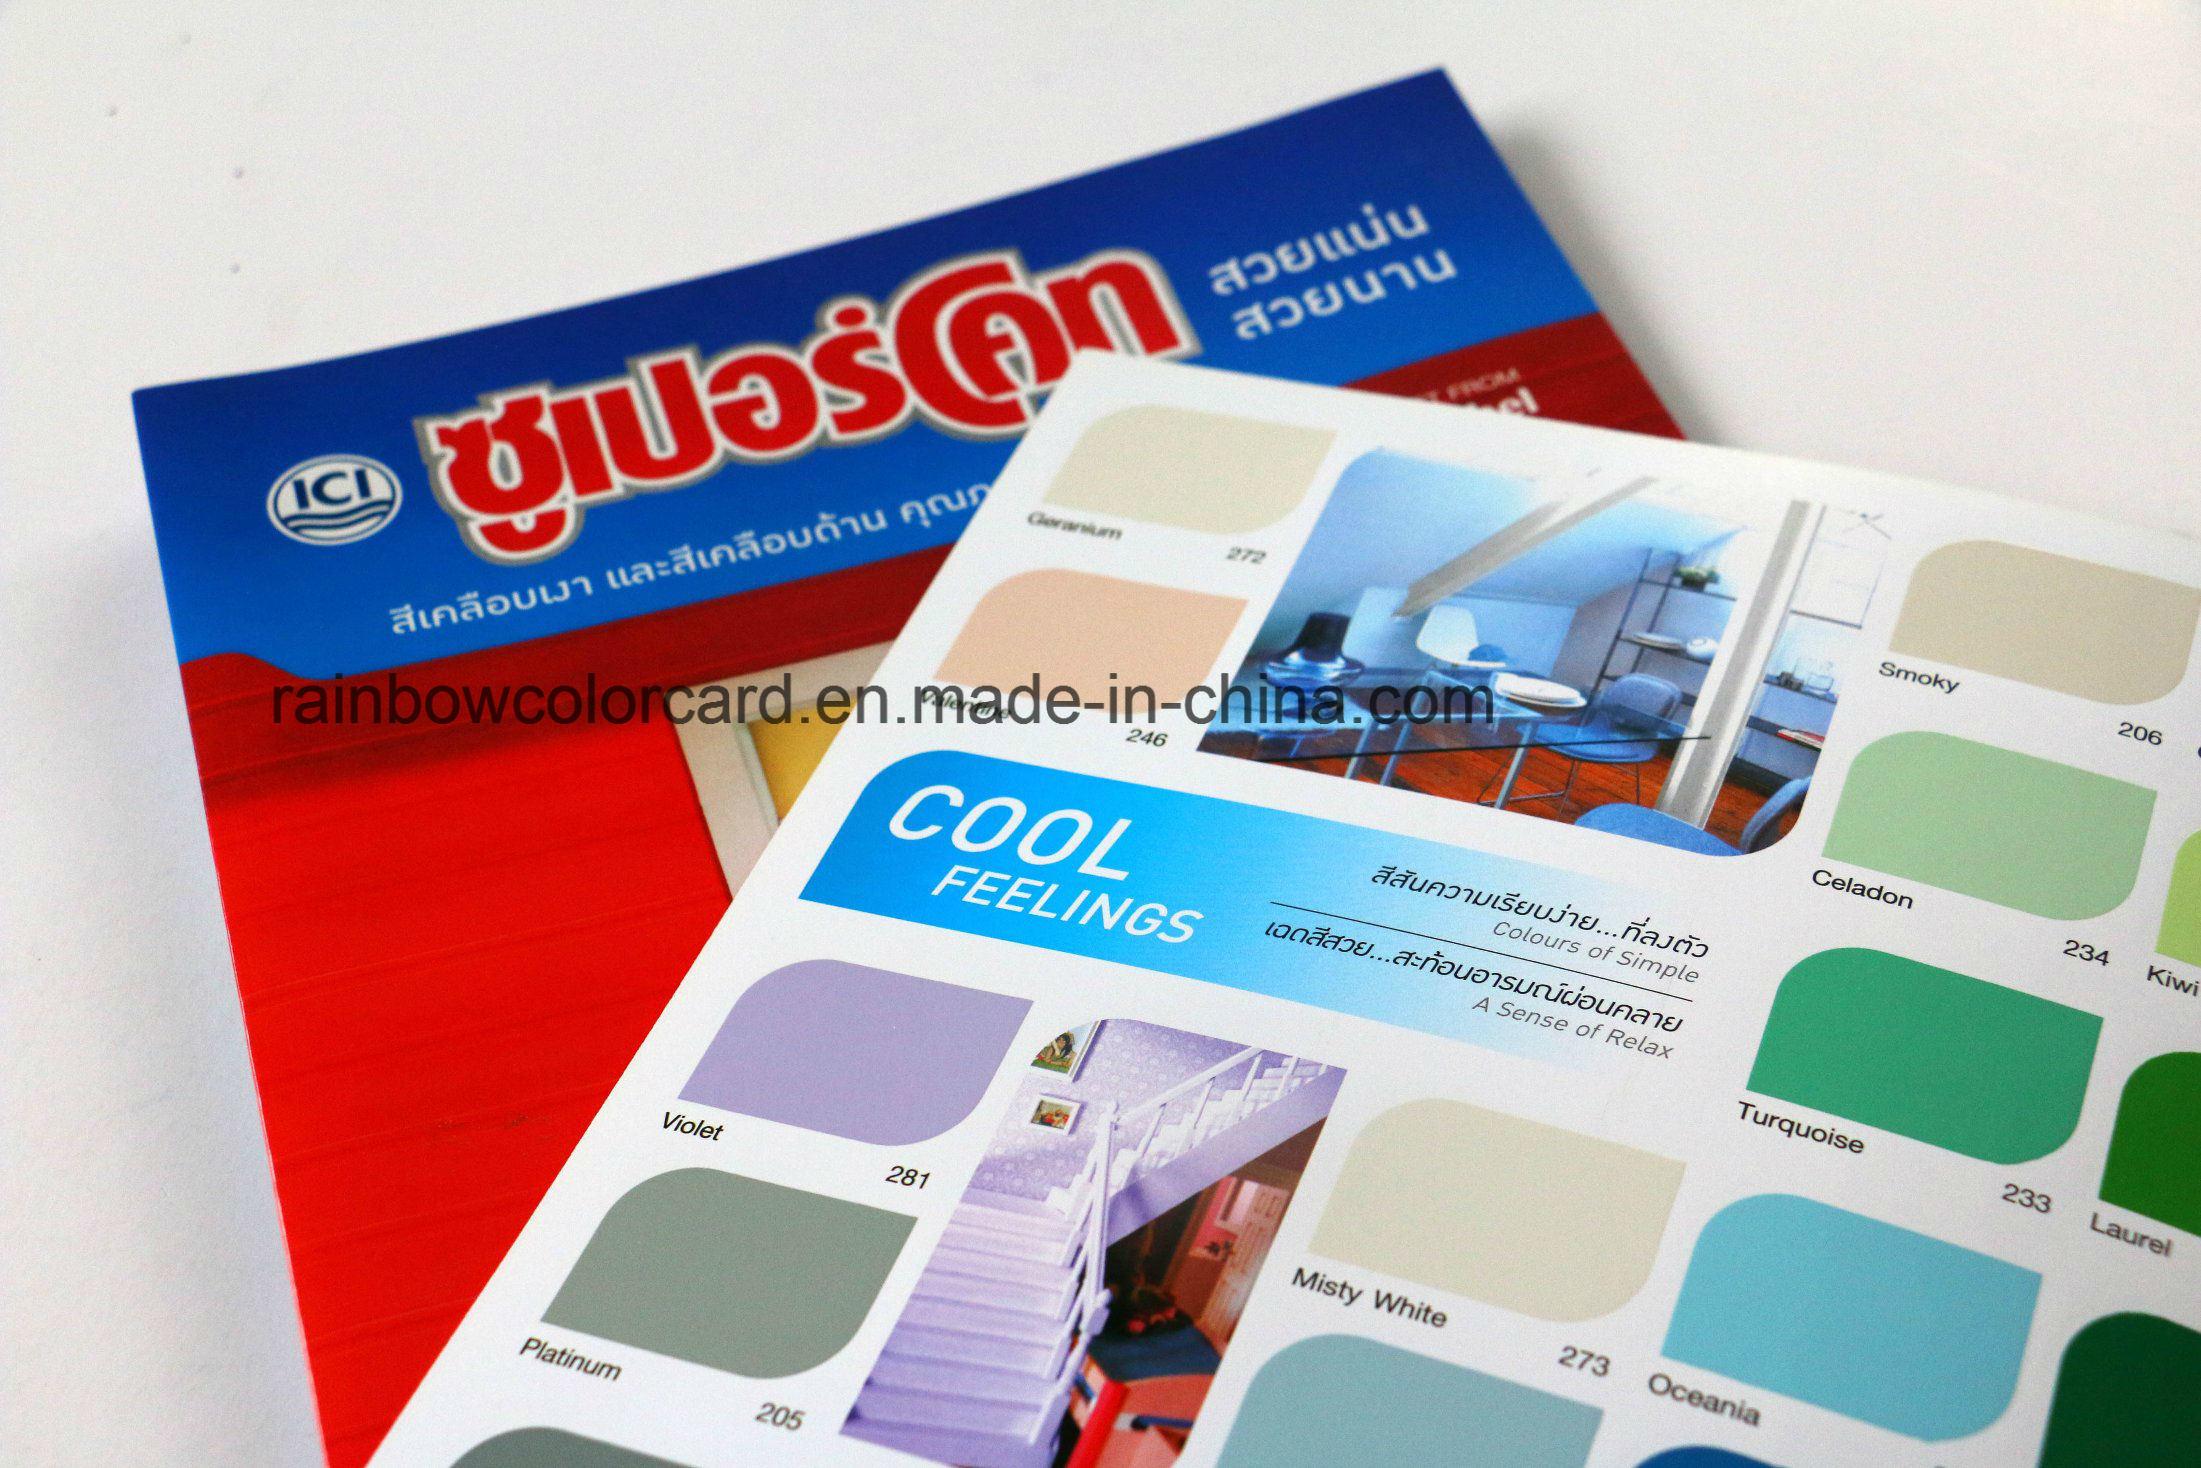 Promotional Pantone Colours of Oil-Base Paint Color Card